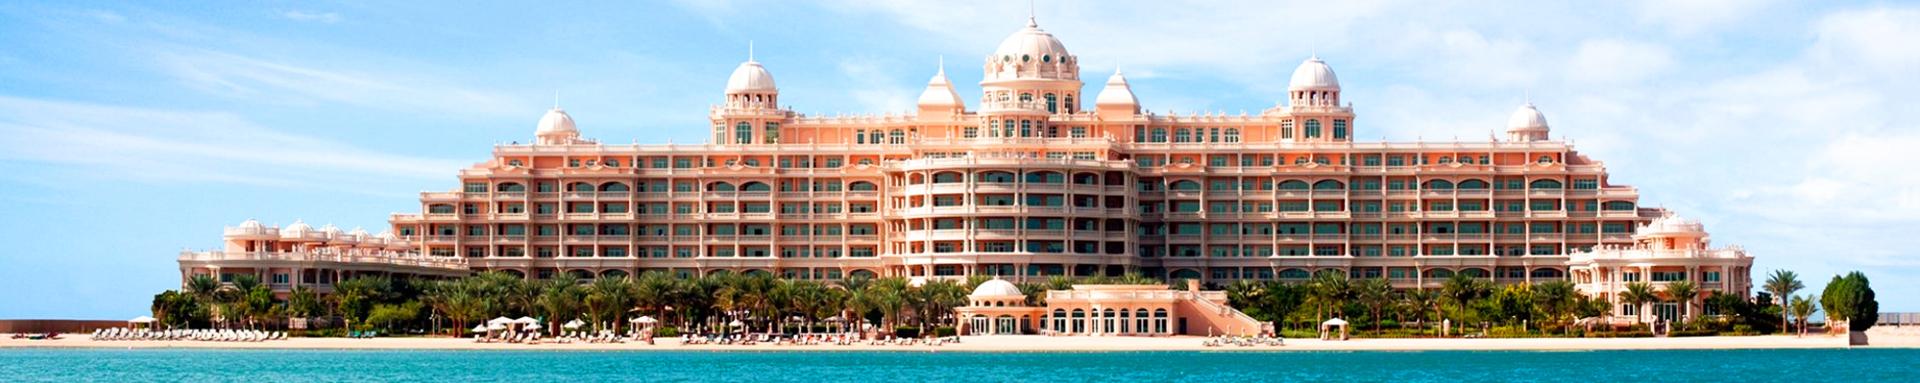 Kempinski Palm Residence - Dubai